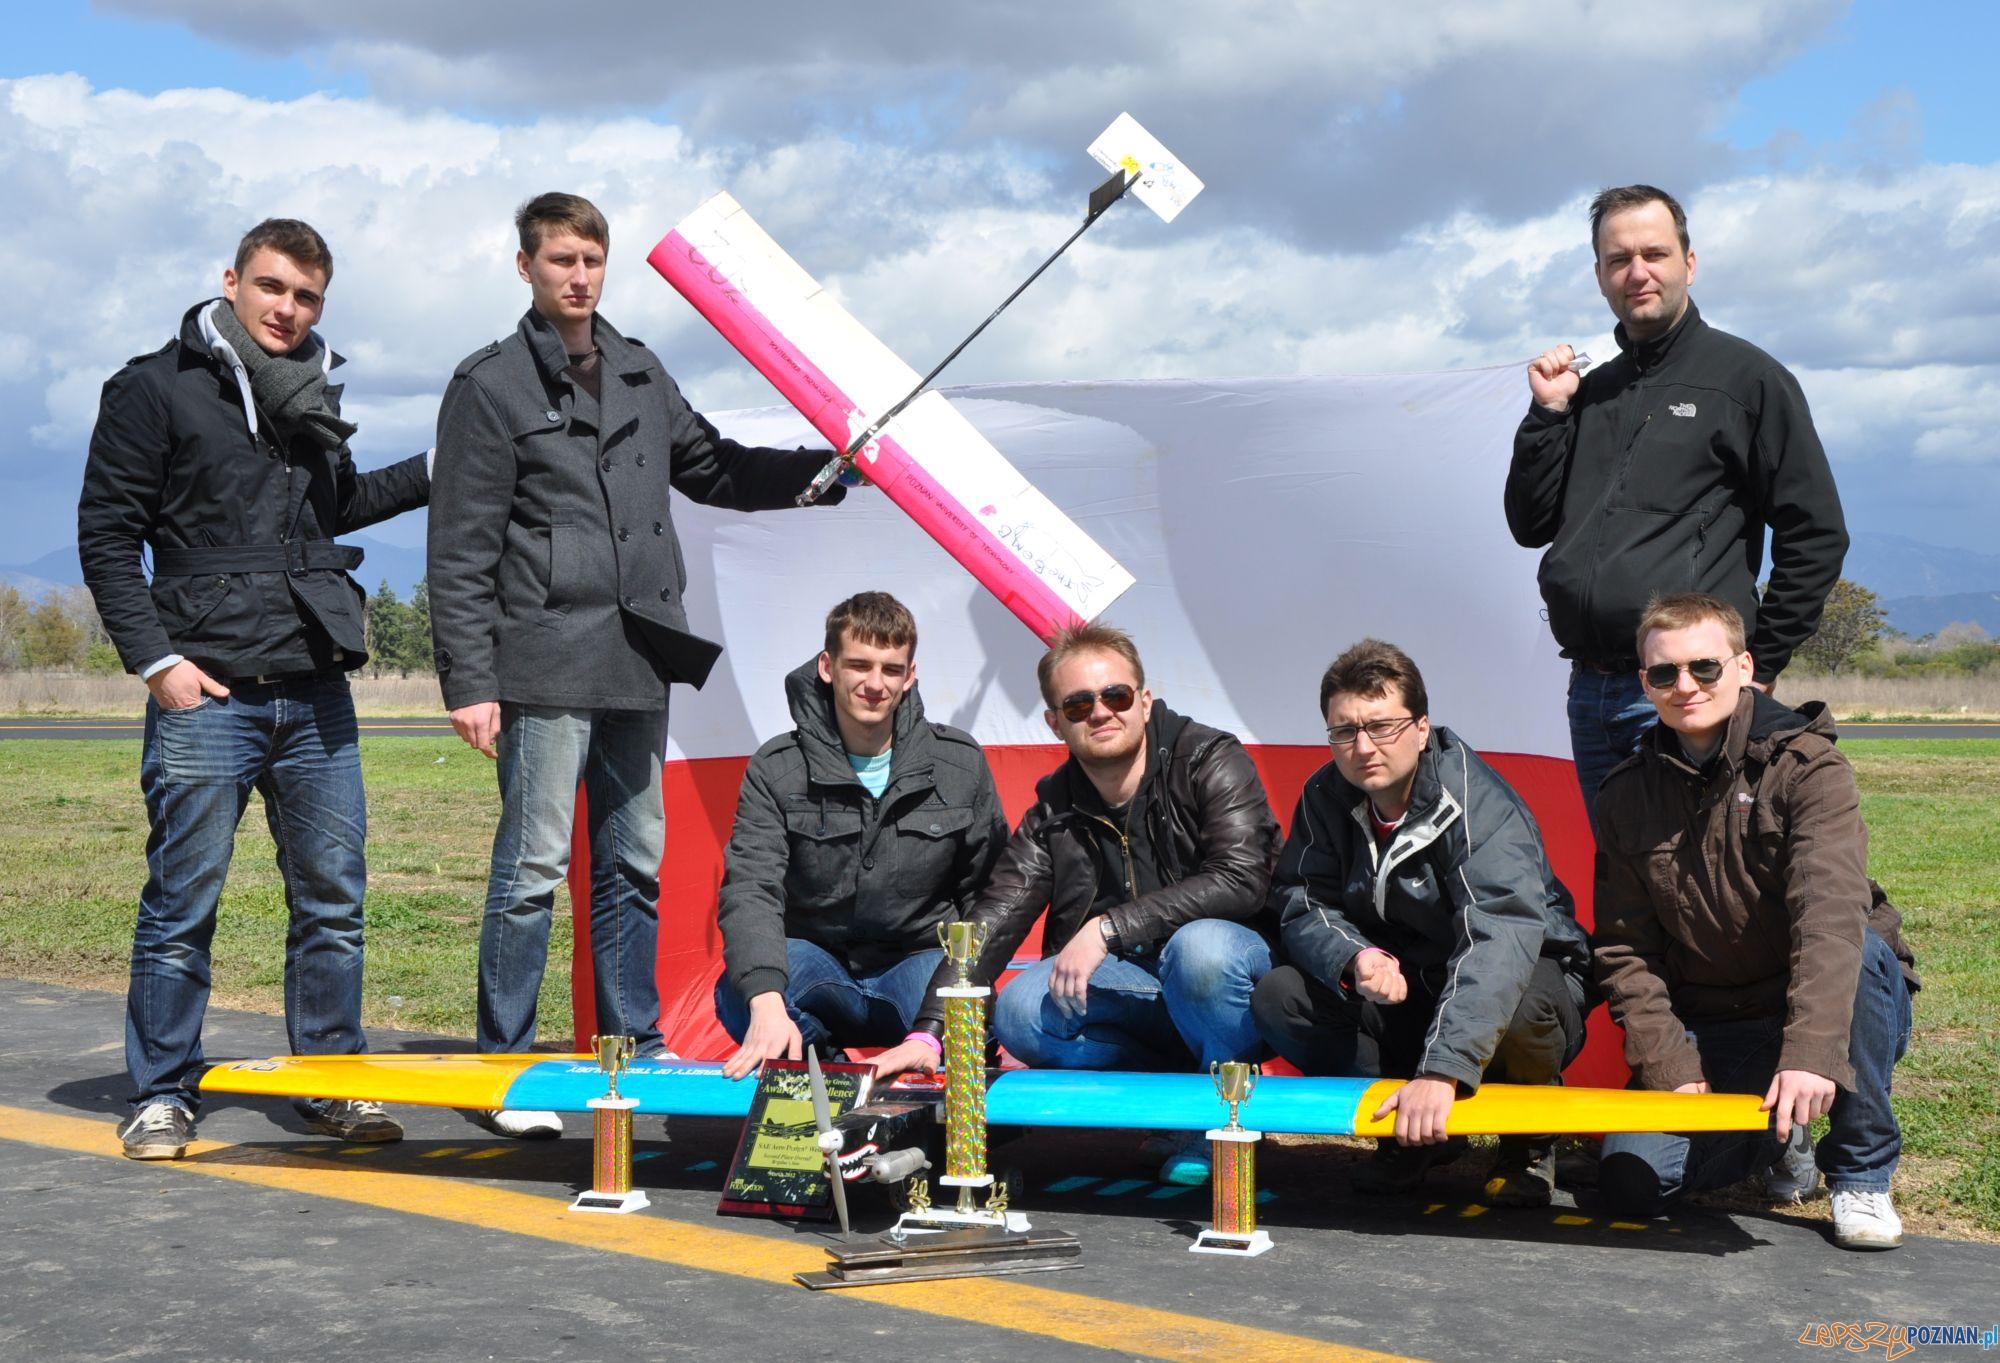 Studenci z Politechniki na zawodach AeroDesign  Foto: Studenci z Politechniki na zawodach AeroDesign